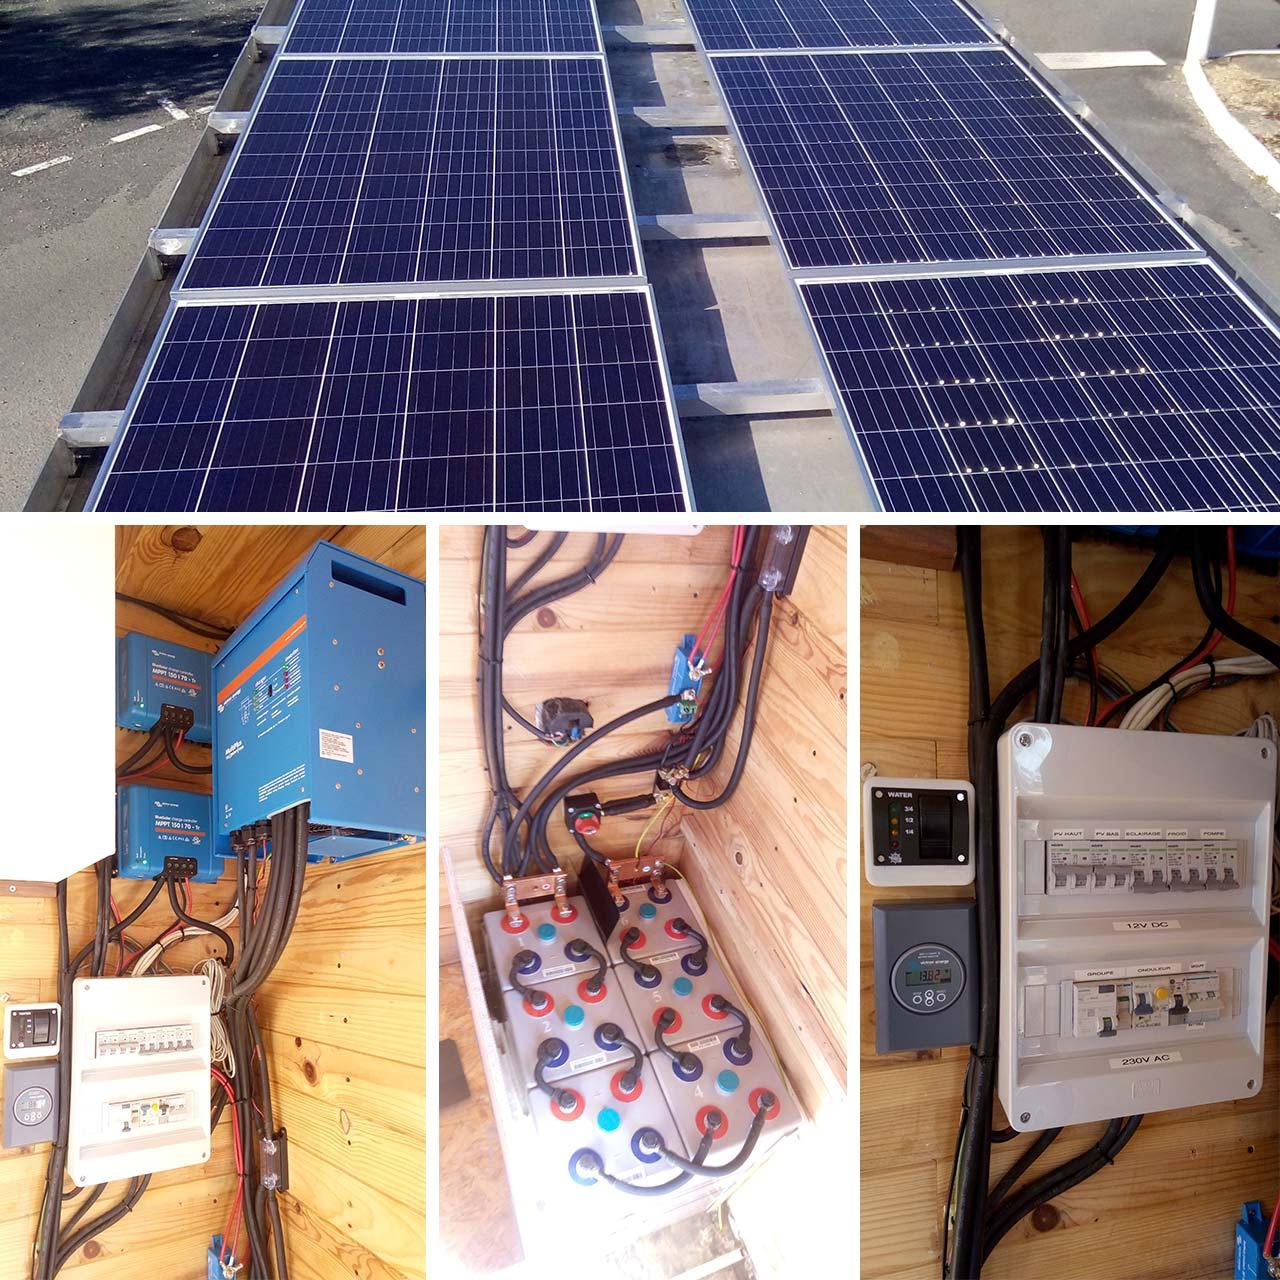 Installation solaire pour l'autonomie électrique d'un camion aménagé en Afrique